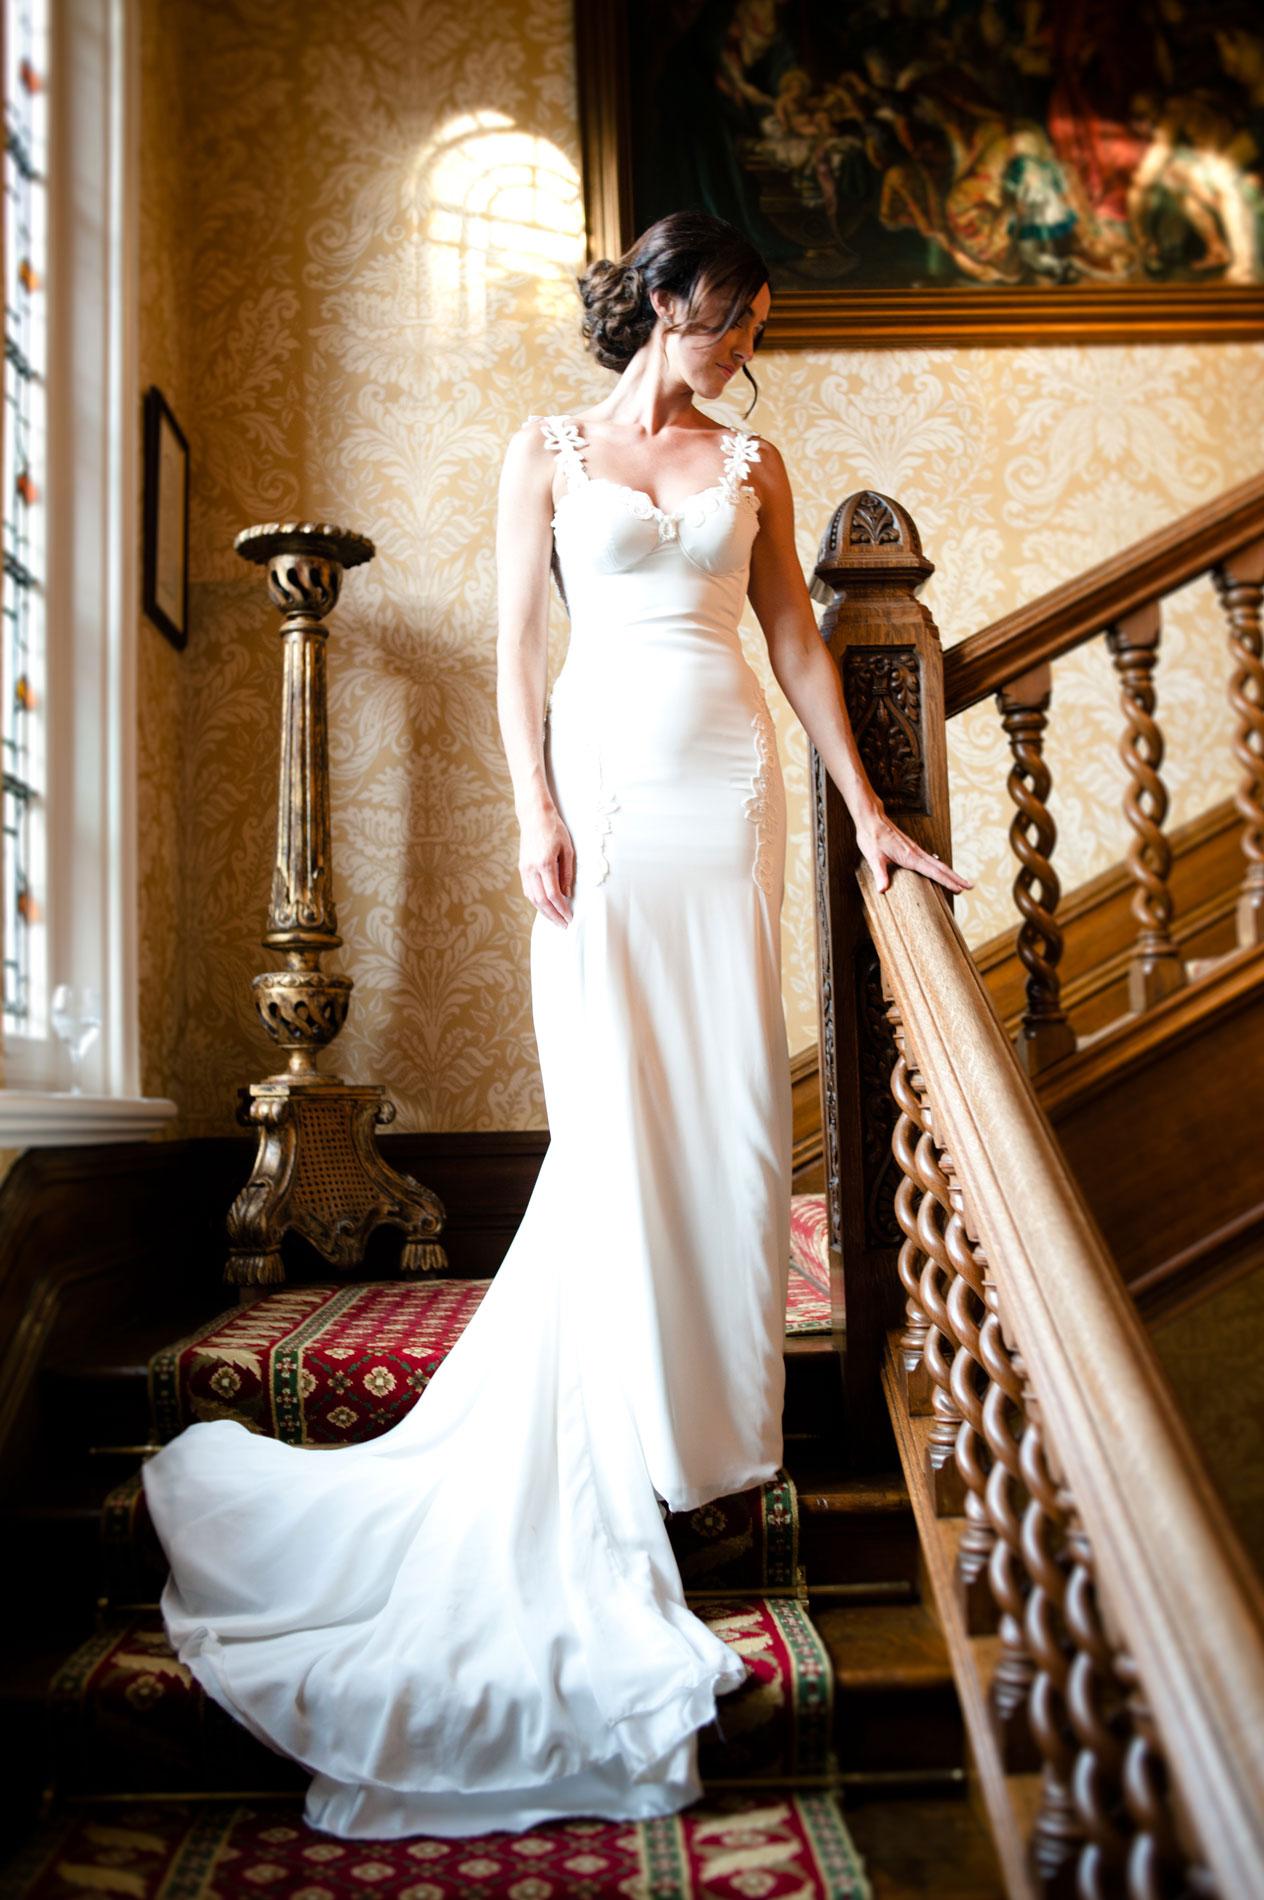 Kilworth-weddings-_44.jpg